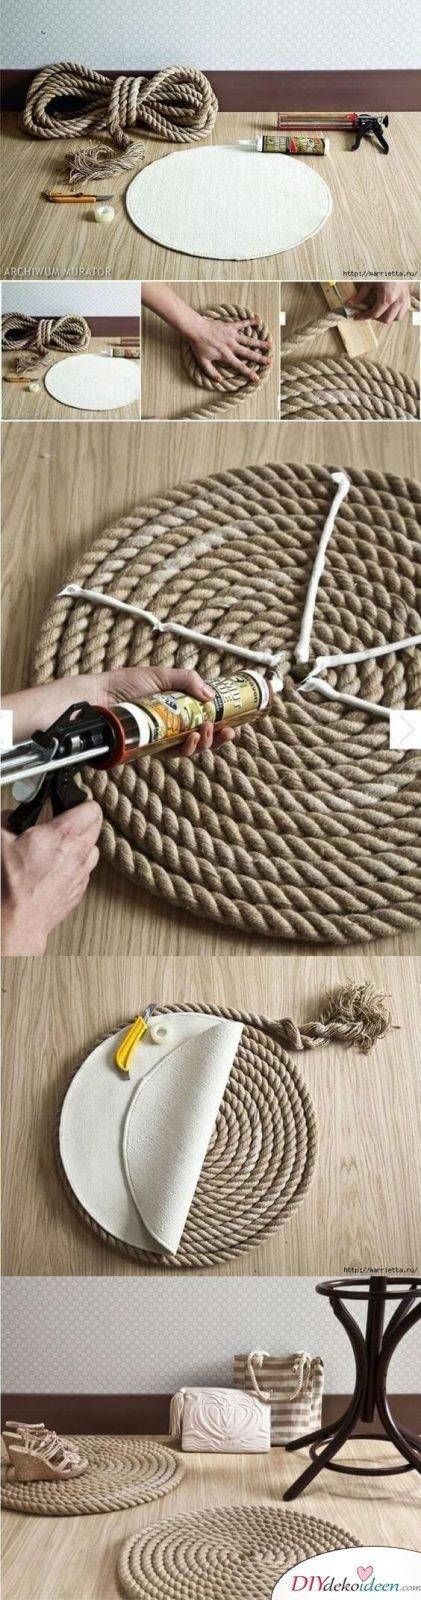 Teppich aus Schiffstau basteln - DIY Teppich